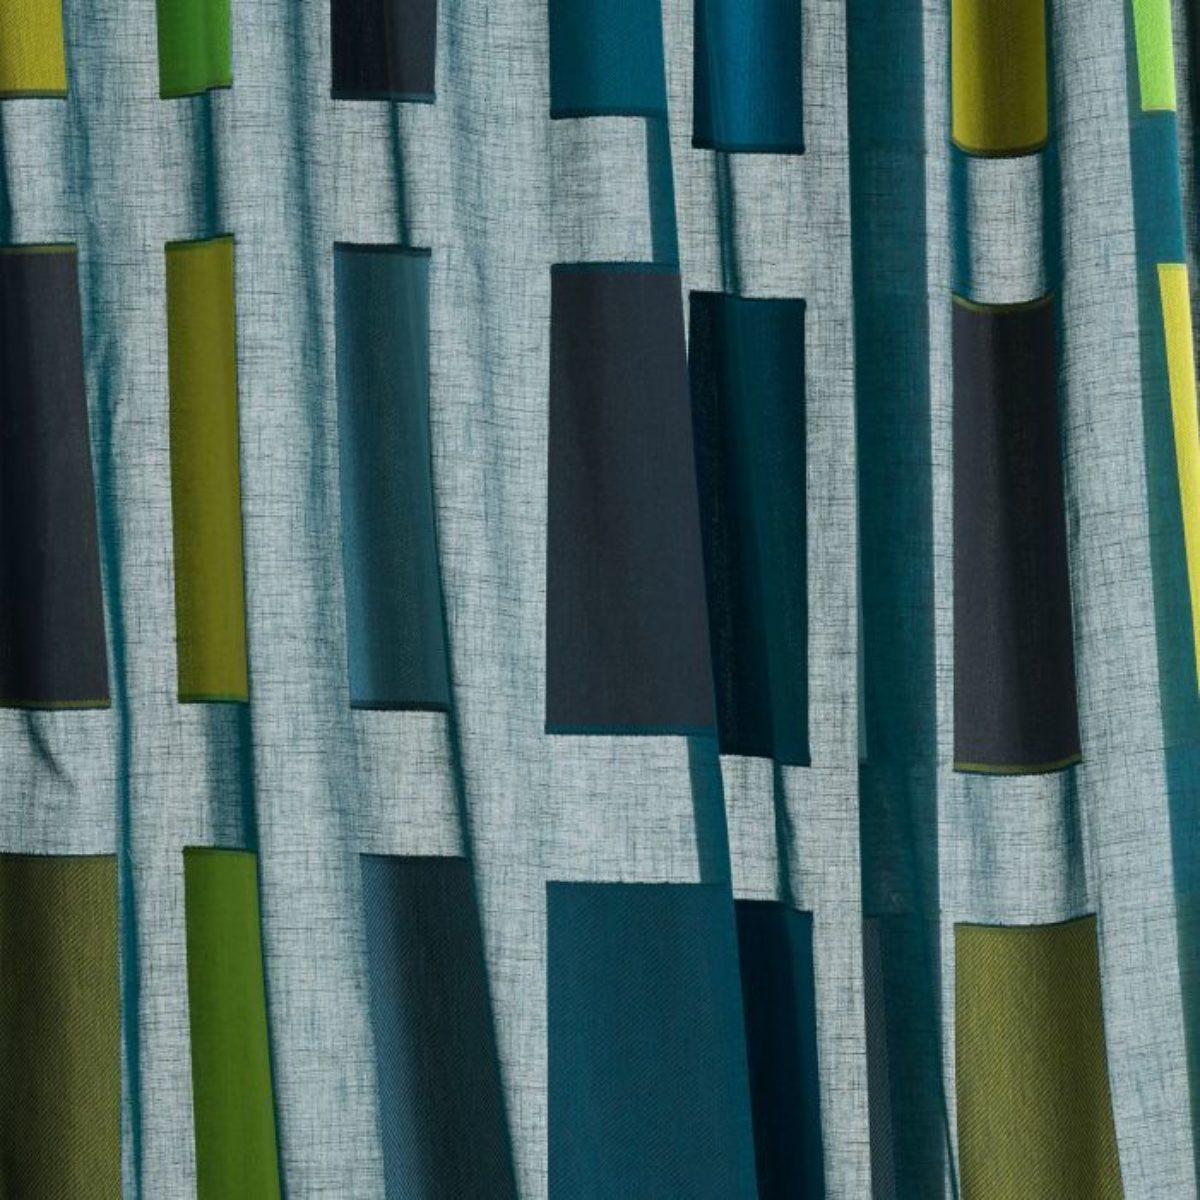 Ploeg gordijnen in between vitrage stoffen collectie configurable 0104220040 wal 40 001 detail4